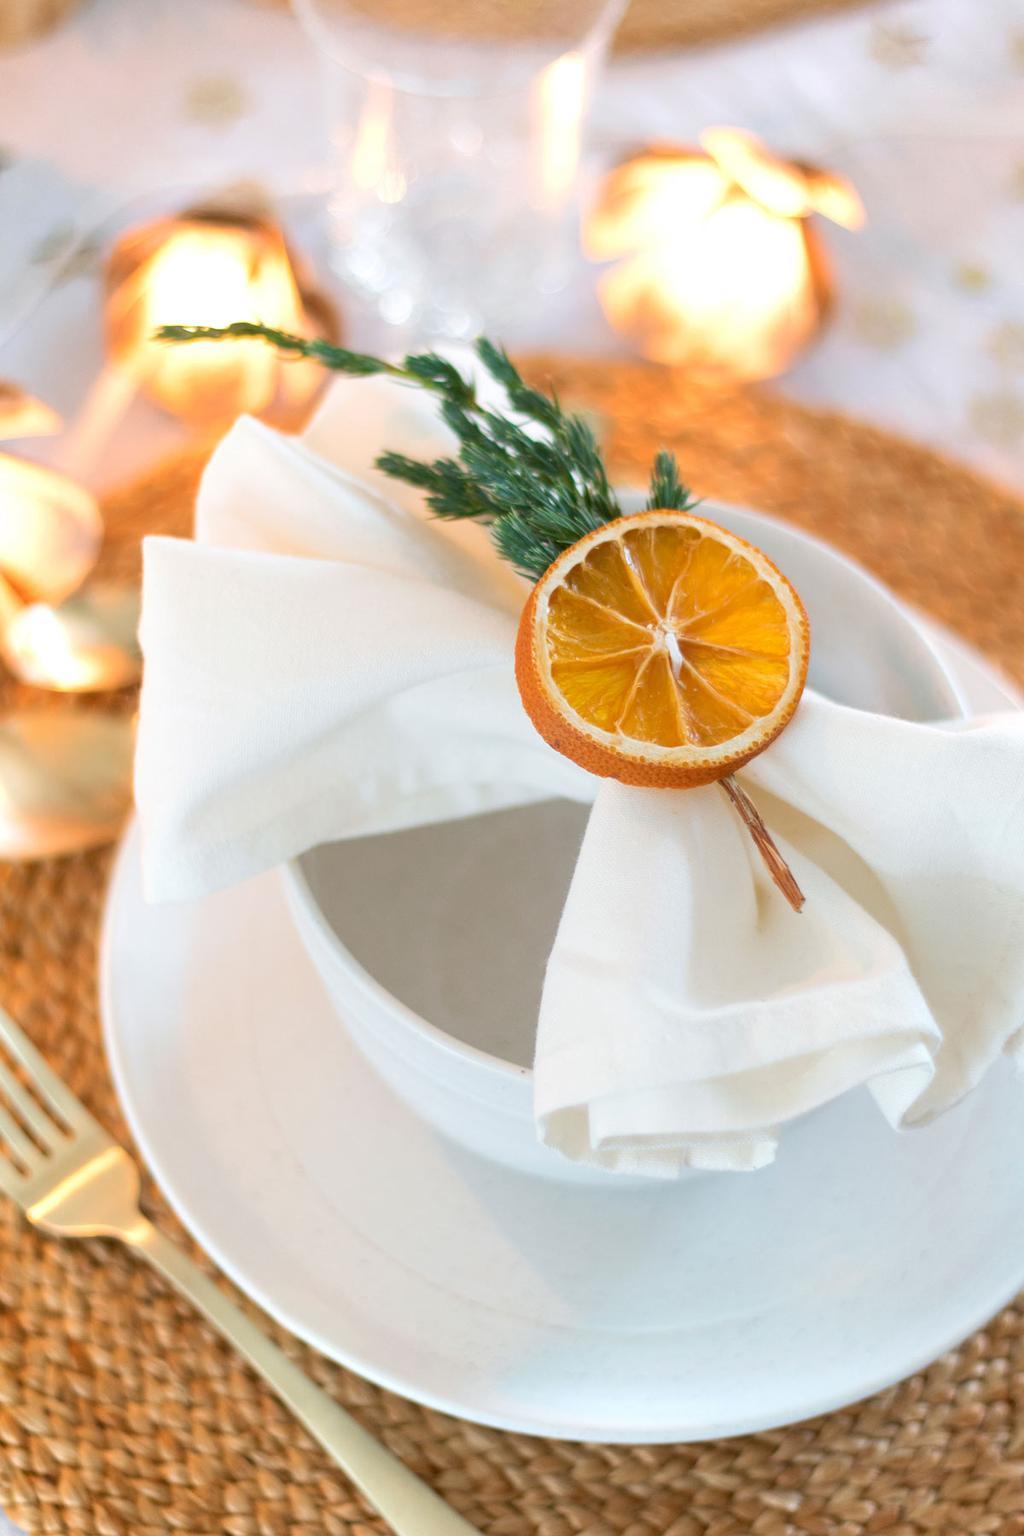 Gedroogde sinaasappel voor de kerst tafel door blogger MY ATTIC.